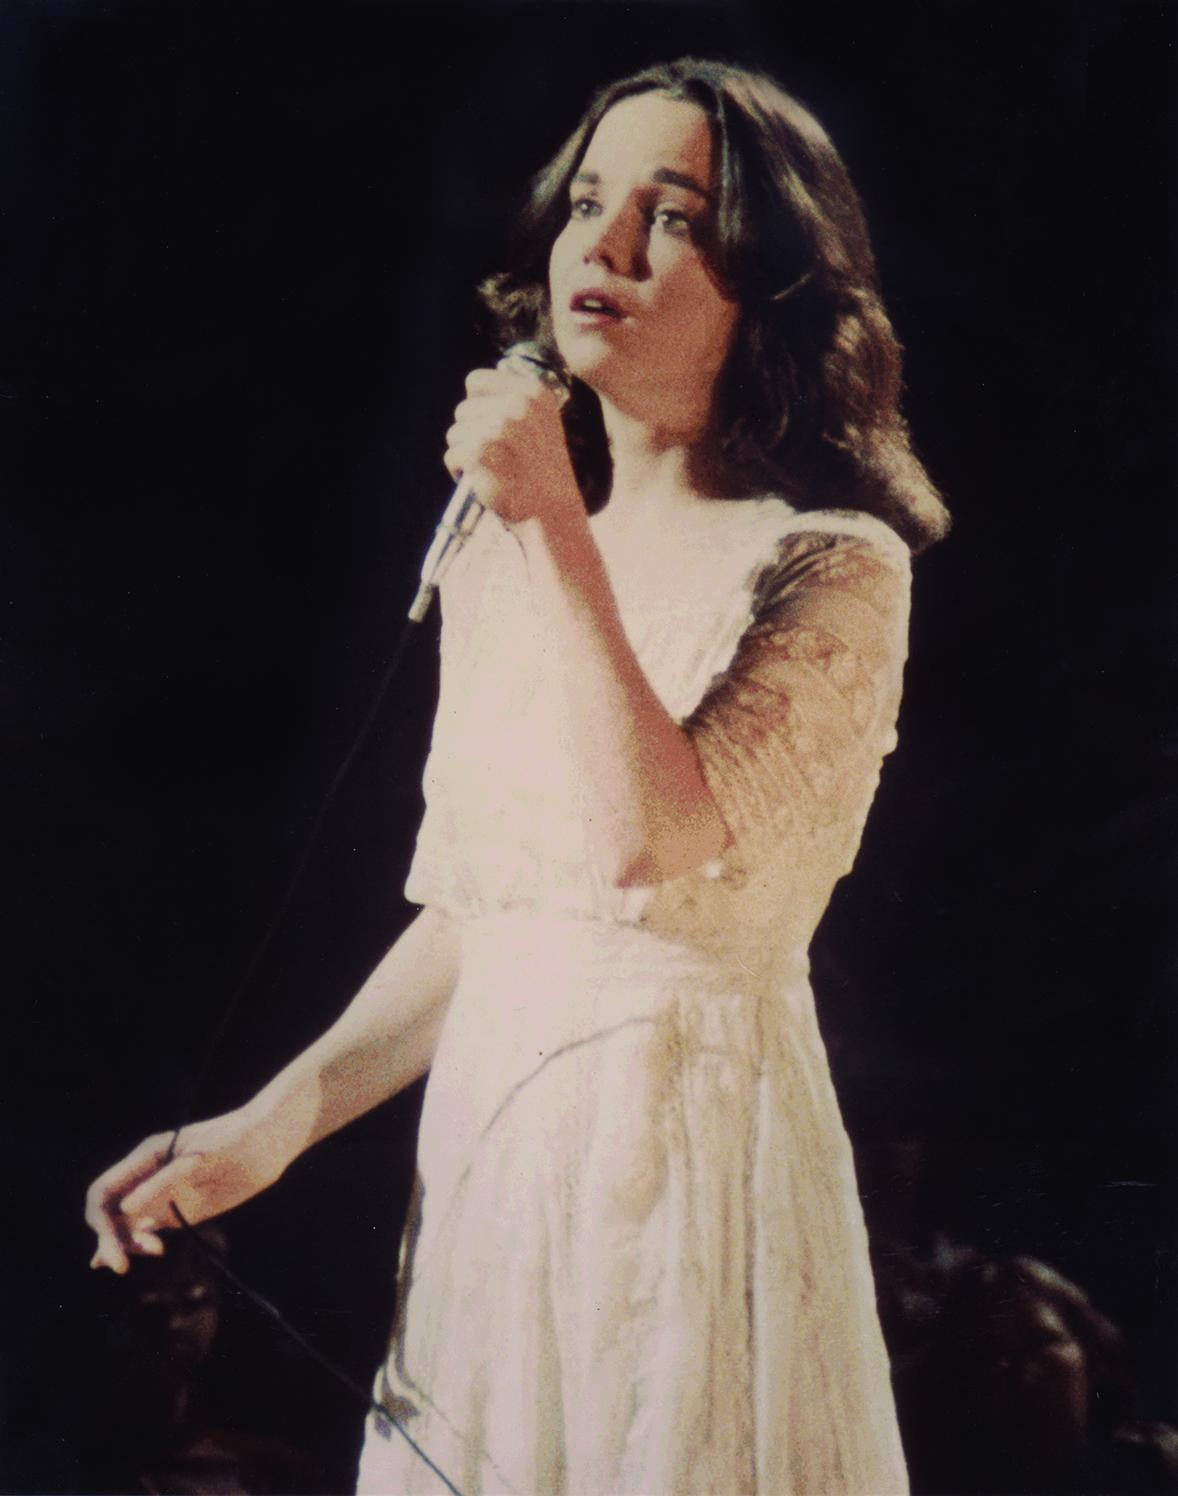 jessica harper imdb